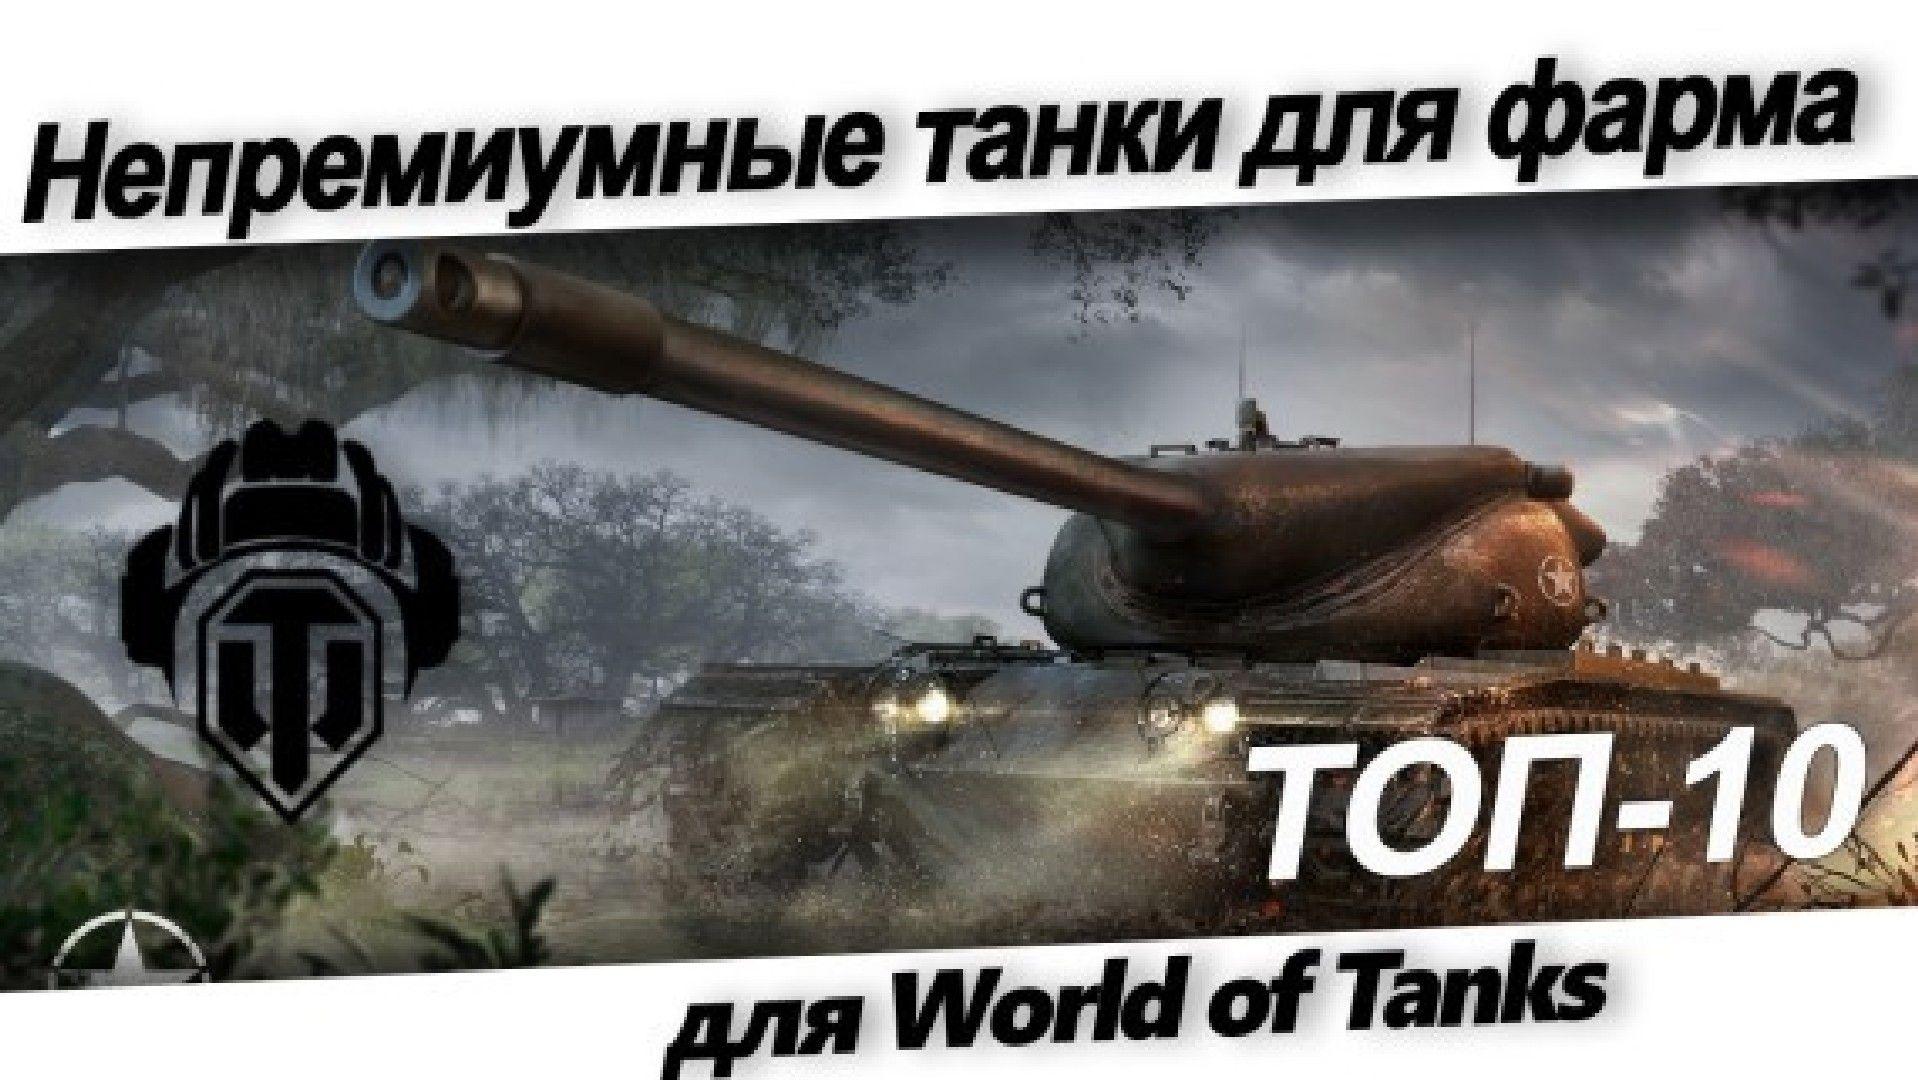 Непремиyмные танки для фарма